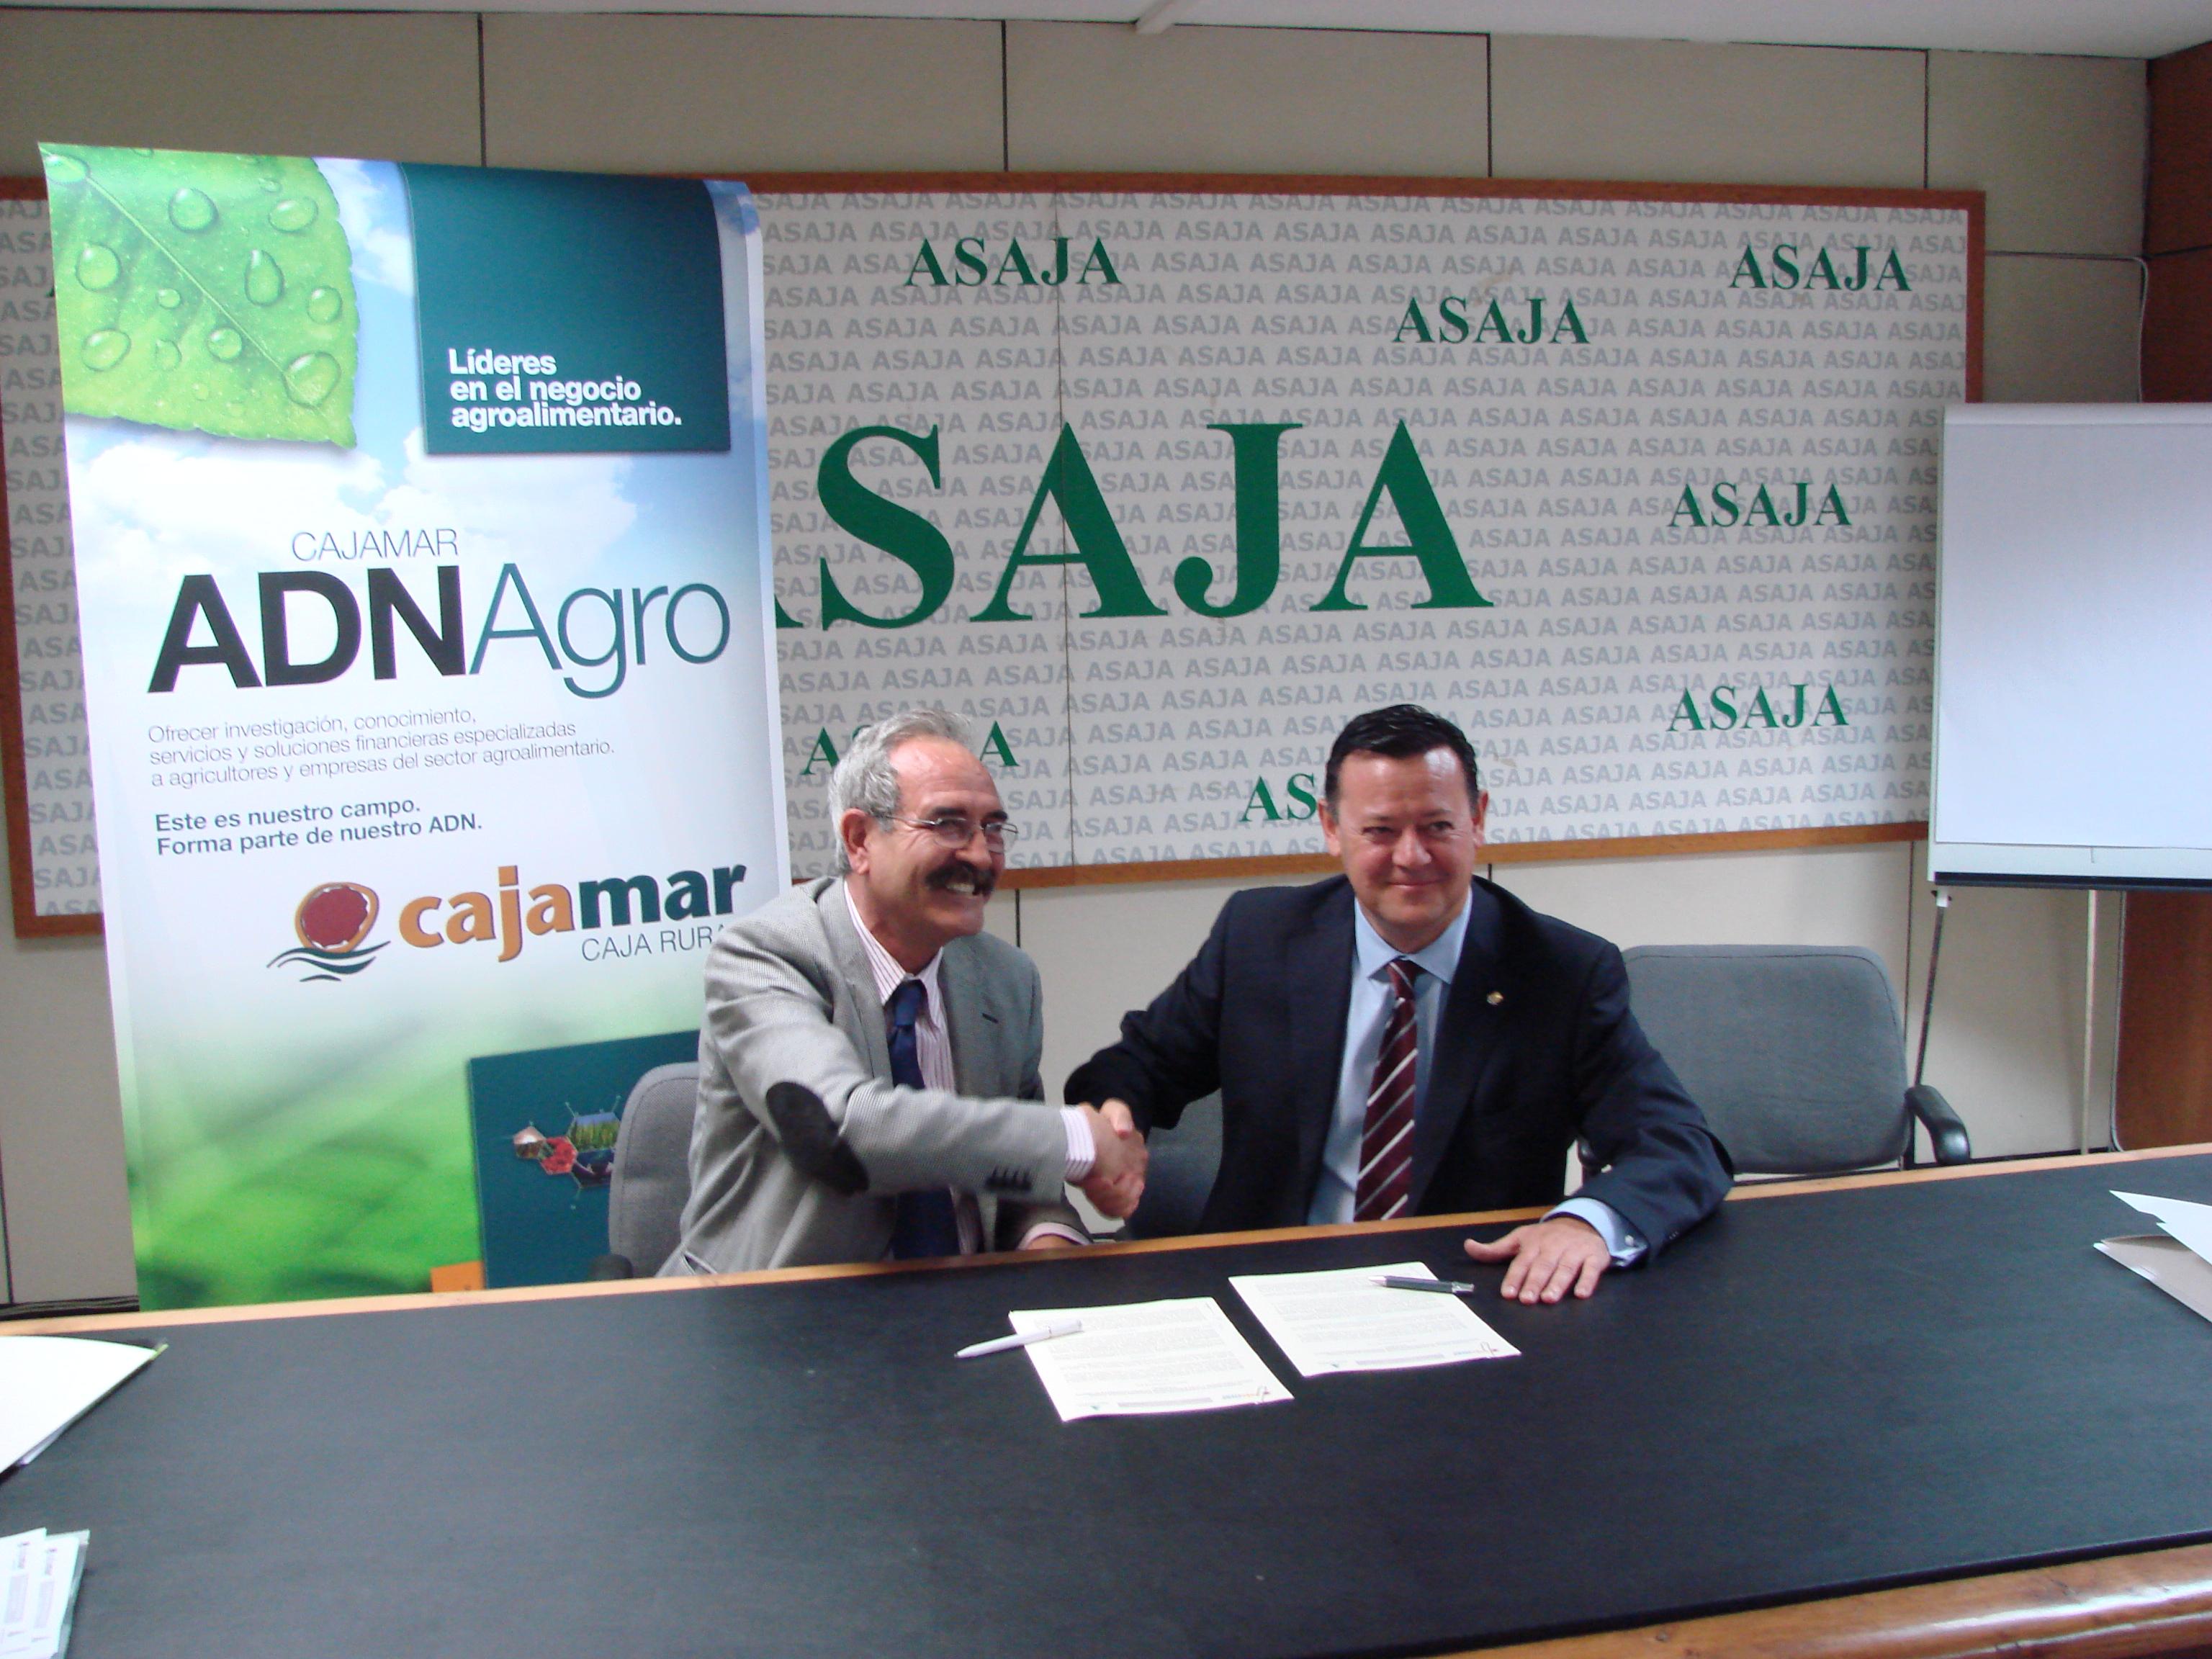 Asaja asaja firma un acuerdo con cajamar para ofrecer a for Oficinas cajamar murcia